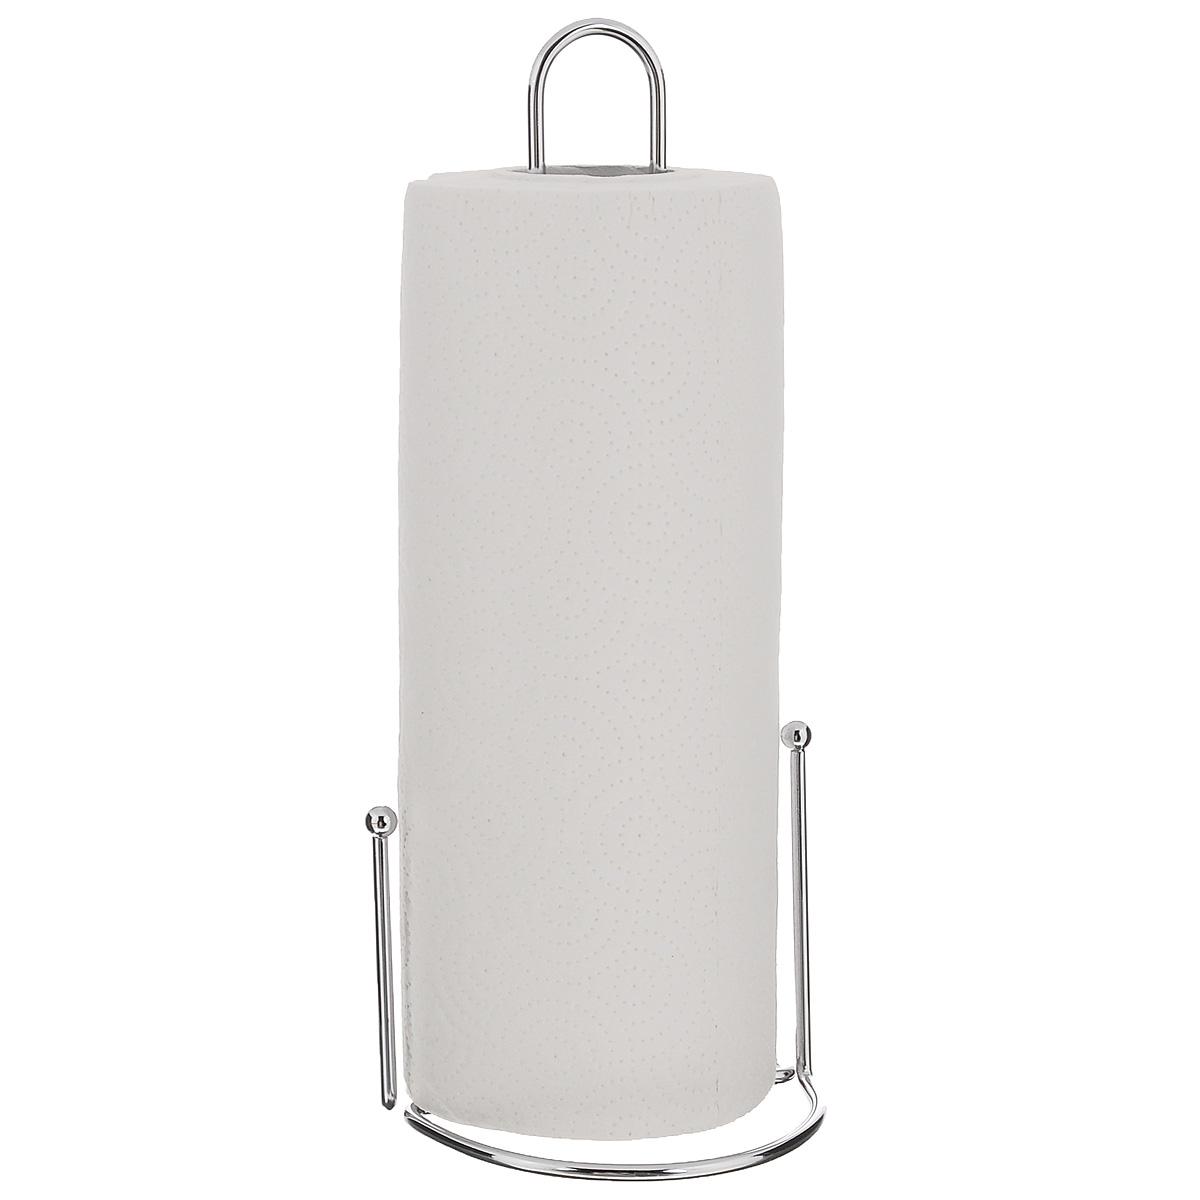 Держатель для бумажных полотенец Zeller24858Держатель для бумажных полотенец Zeller изготовлен из металла с хромированной поверхностью. Круглое основание обеспечивает устойчивость подставки. Вы можете установить ее в любом удобном месте. Держатель подходит для всех видов кухонных полотенец.Такой держатель для бумажных полотенец станет полезным аксессуаром в домашнем быту и идеально впишется в интерьер современной кухни.В комплекте с держателем - рулон бумажных полотенец для рук.Диаметр основания держателя: 12 см.Высота держателя: 31 см.